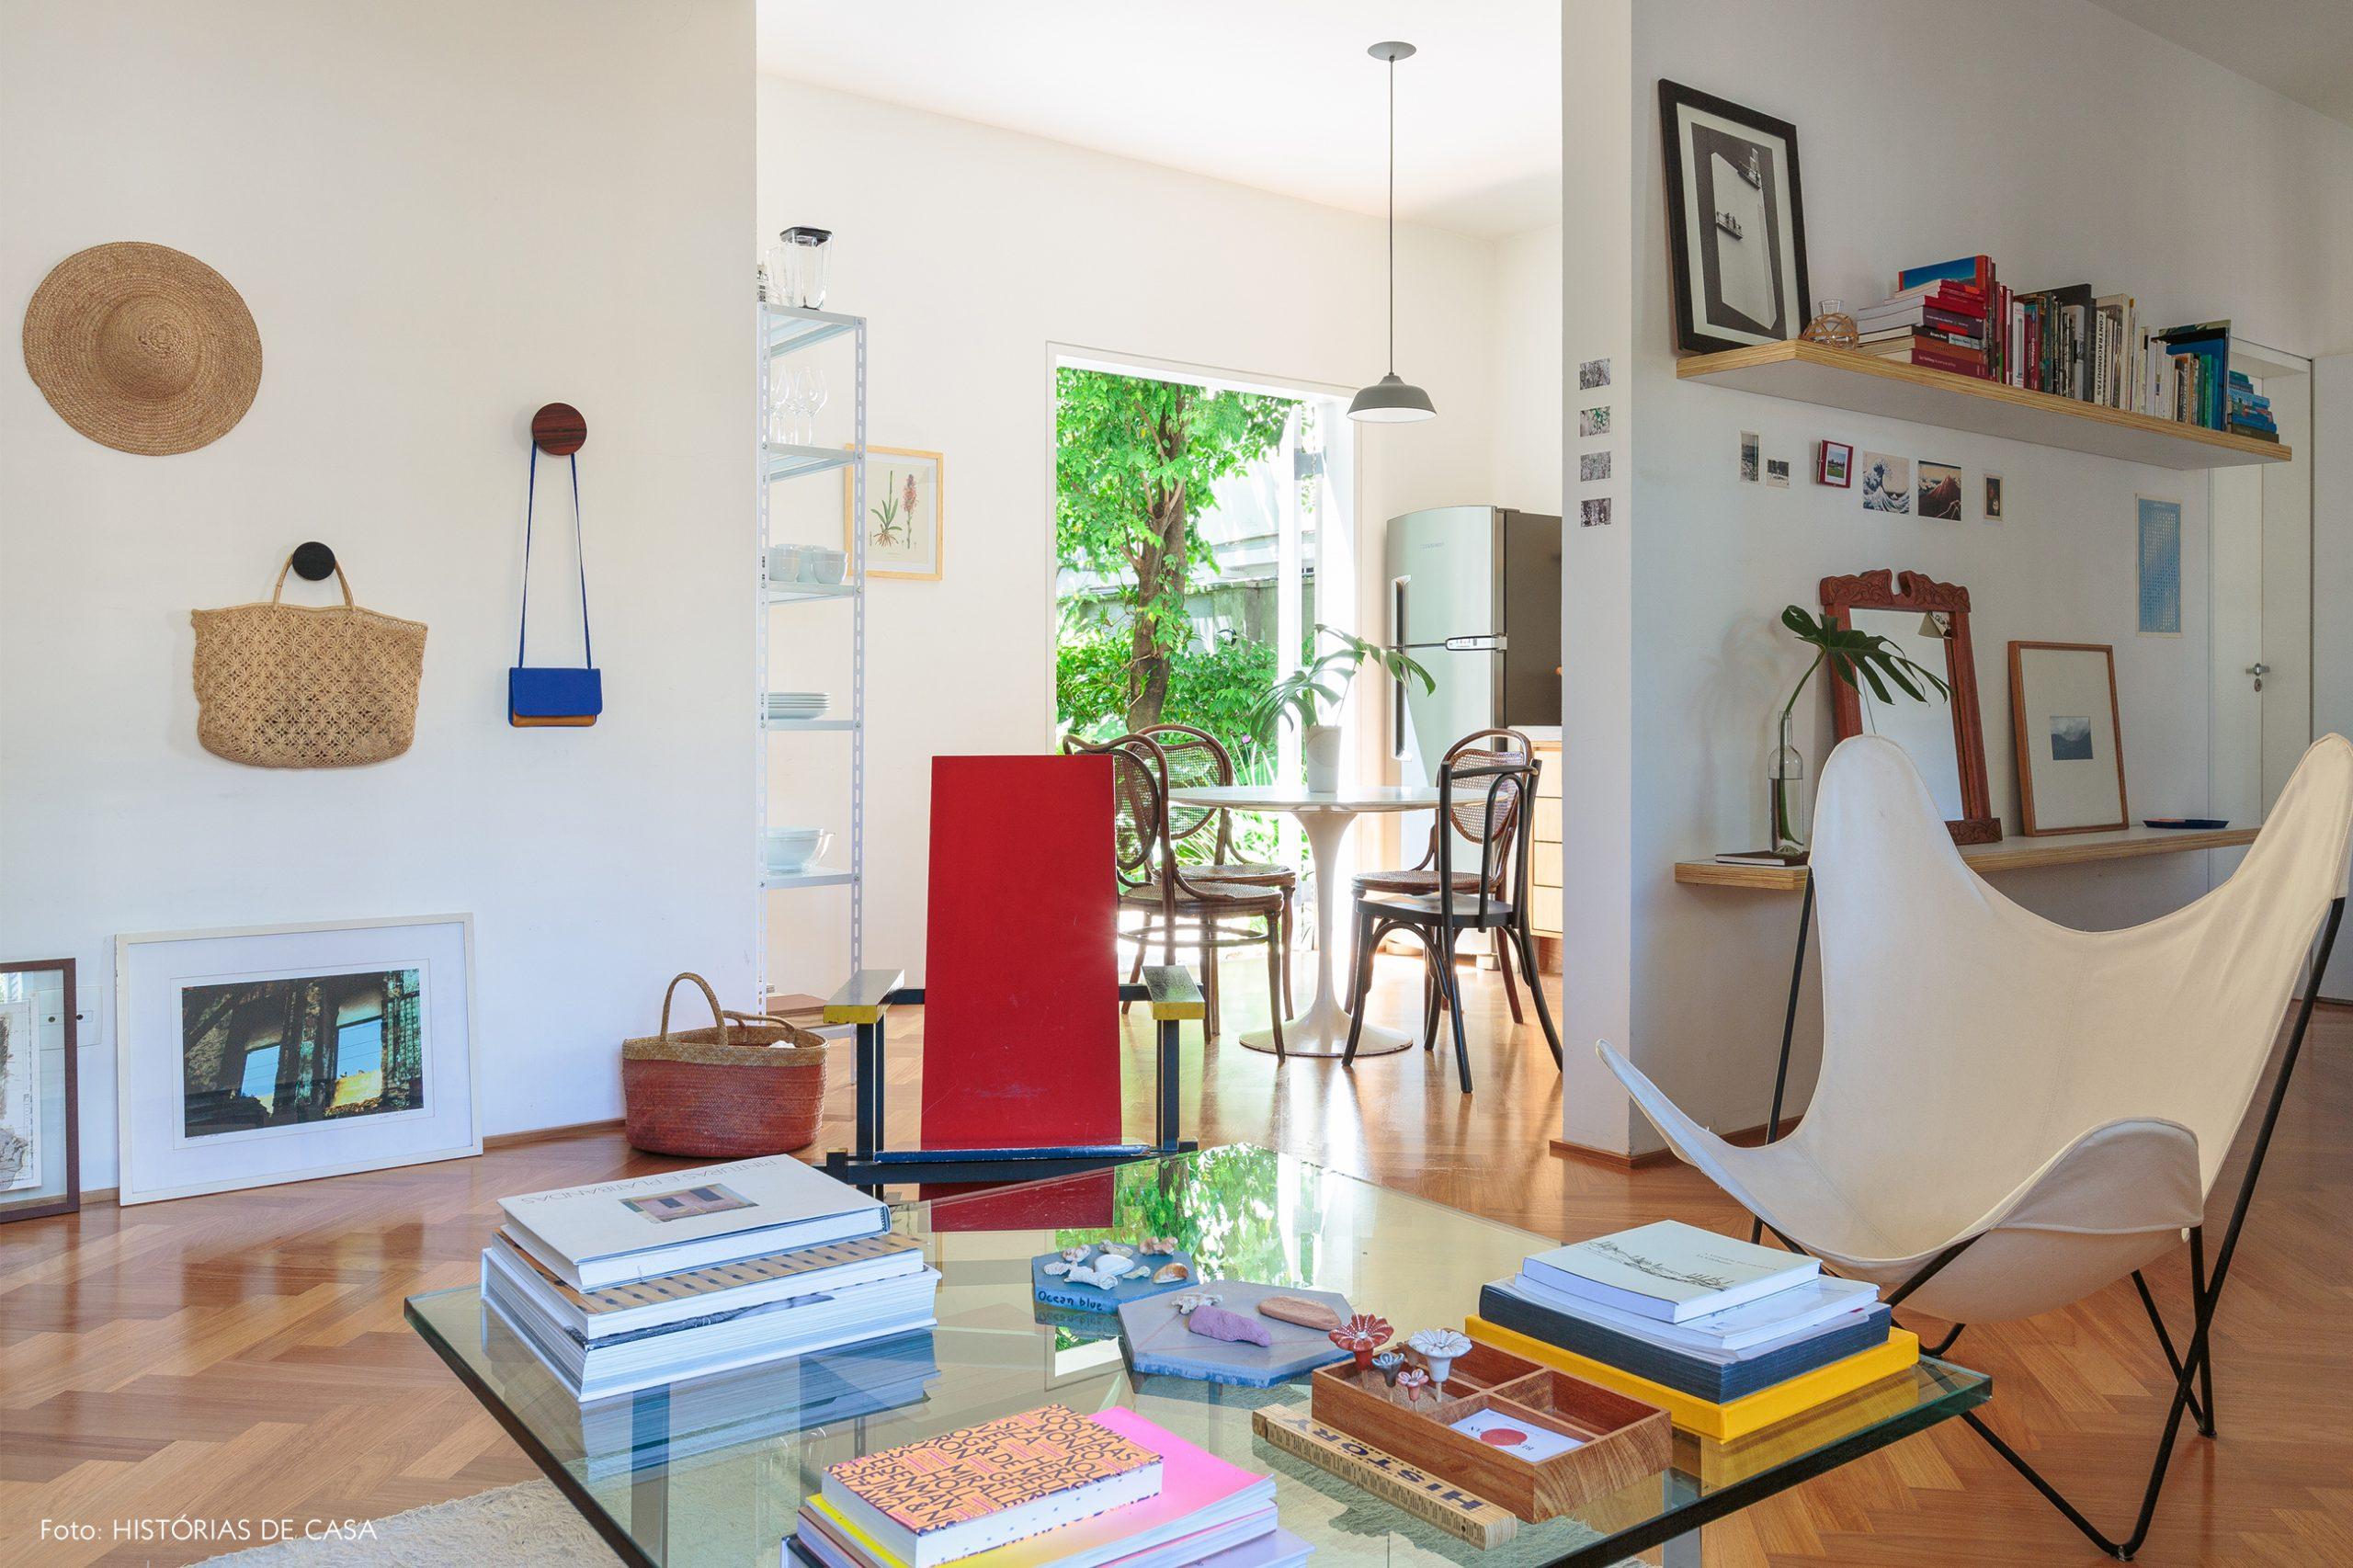 decoração sala com cadeira butterfly cesto palha cadeira red and blue